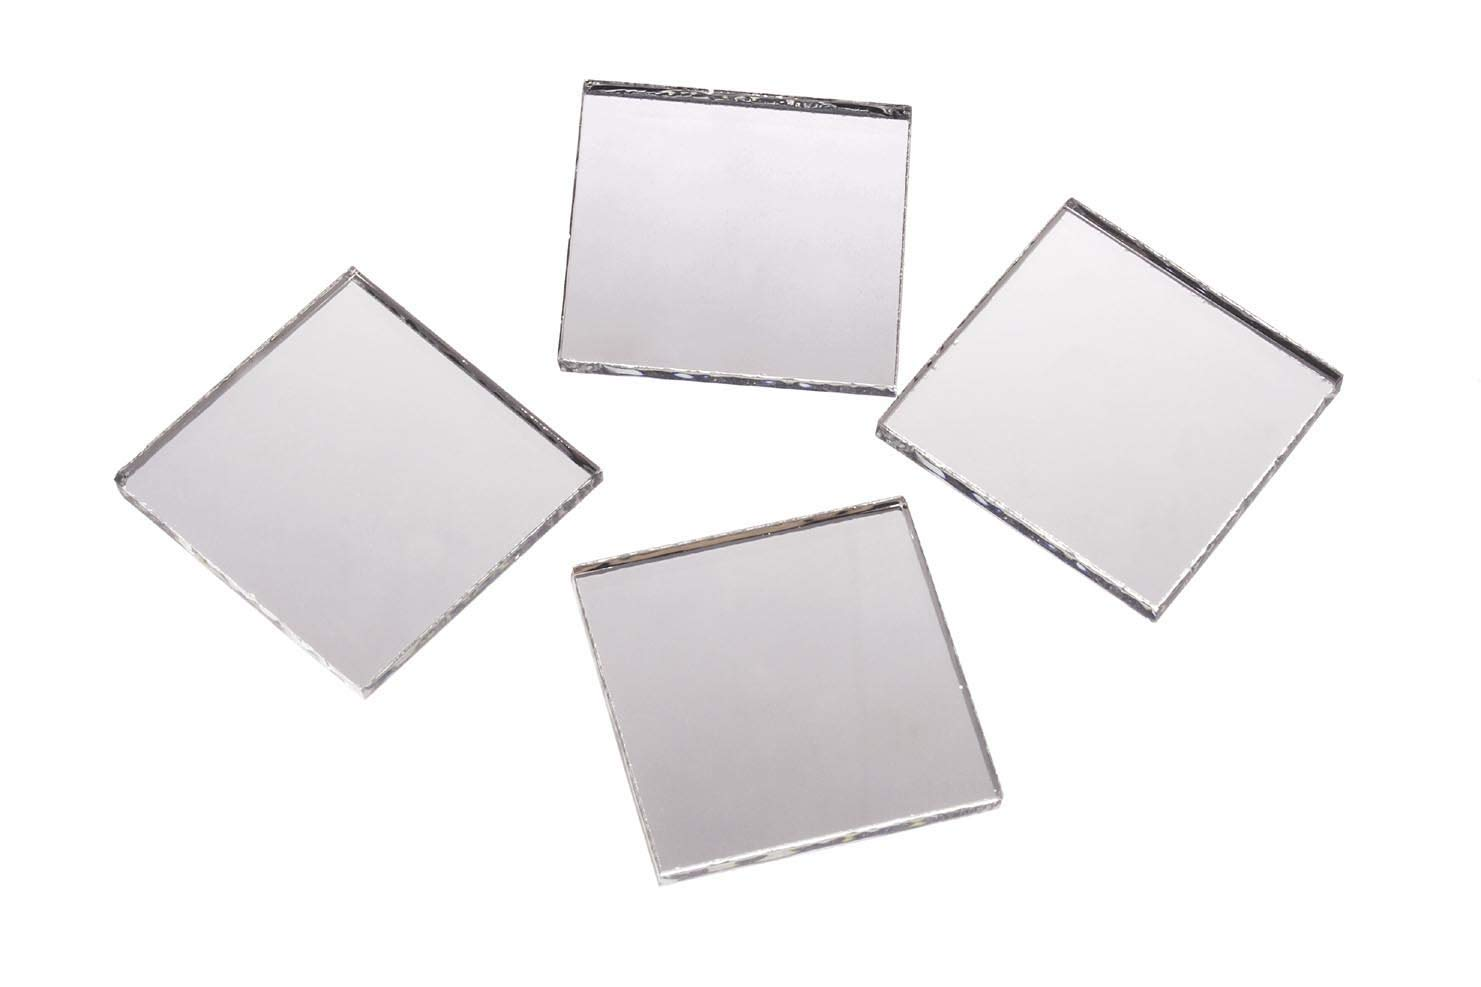 Darice Mirrors Big Value Square 1'' 25pc